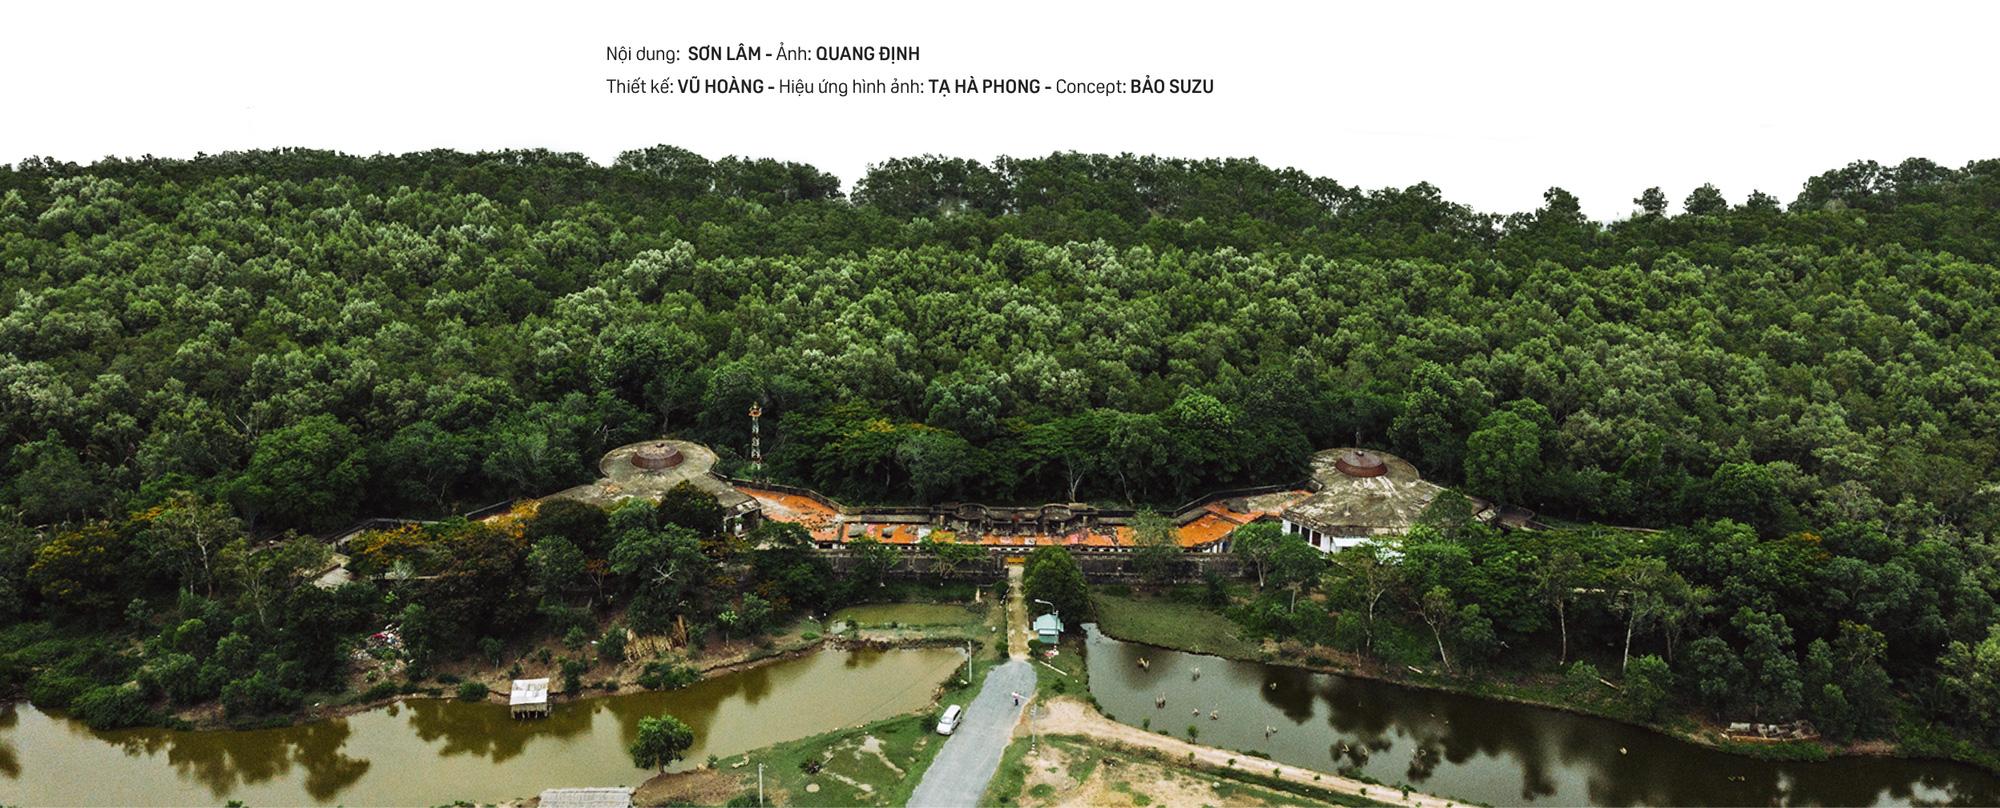 Bên trong Đồn Rạch Cát - pháo đài lớn nhất Đông Dương - Ảnh 18.